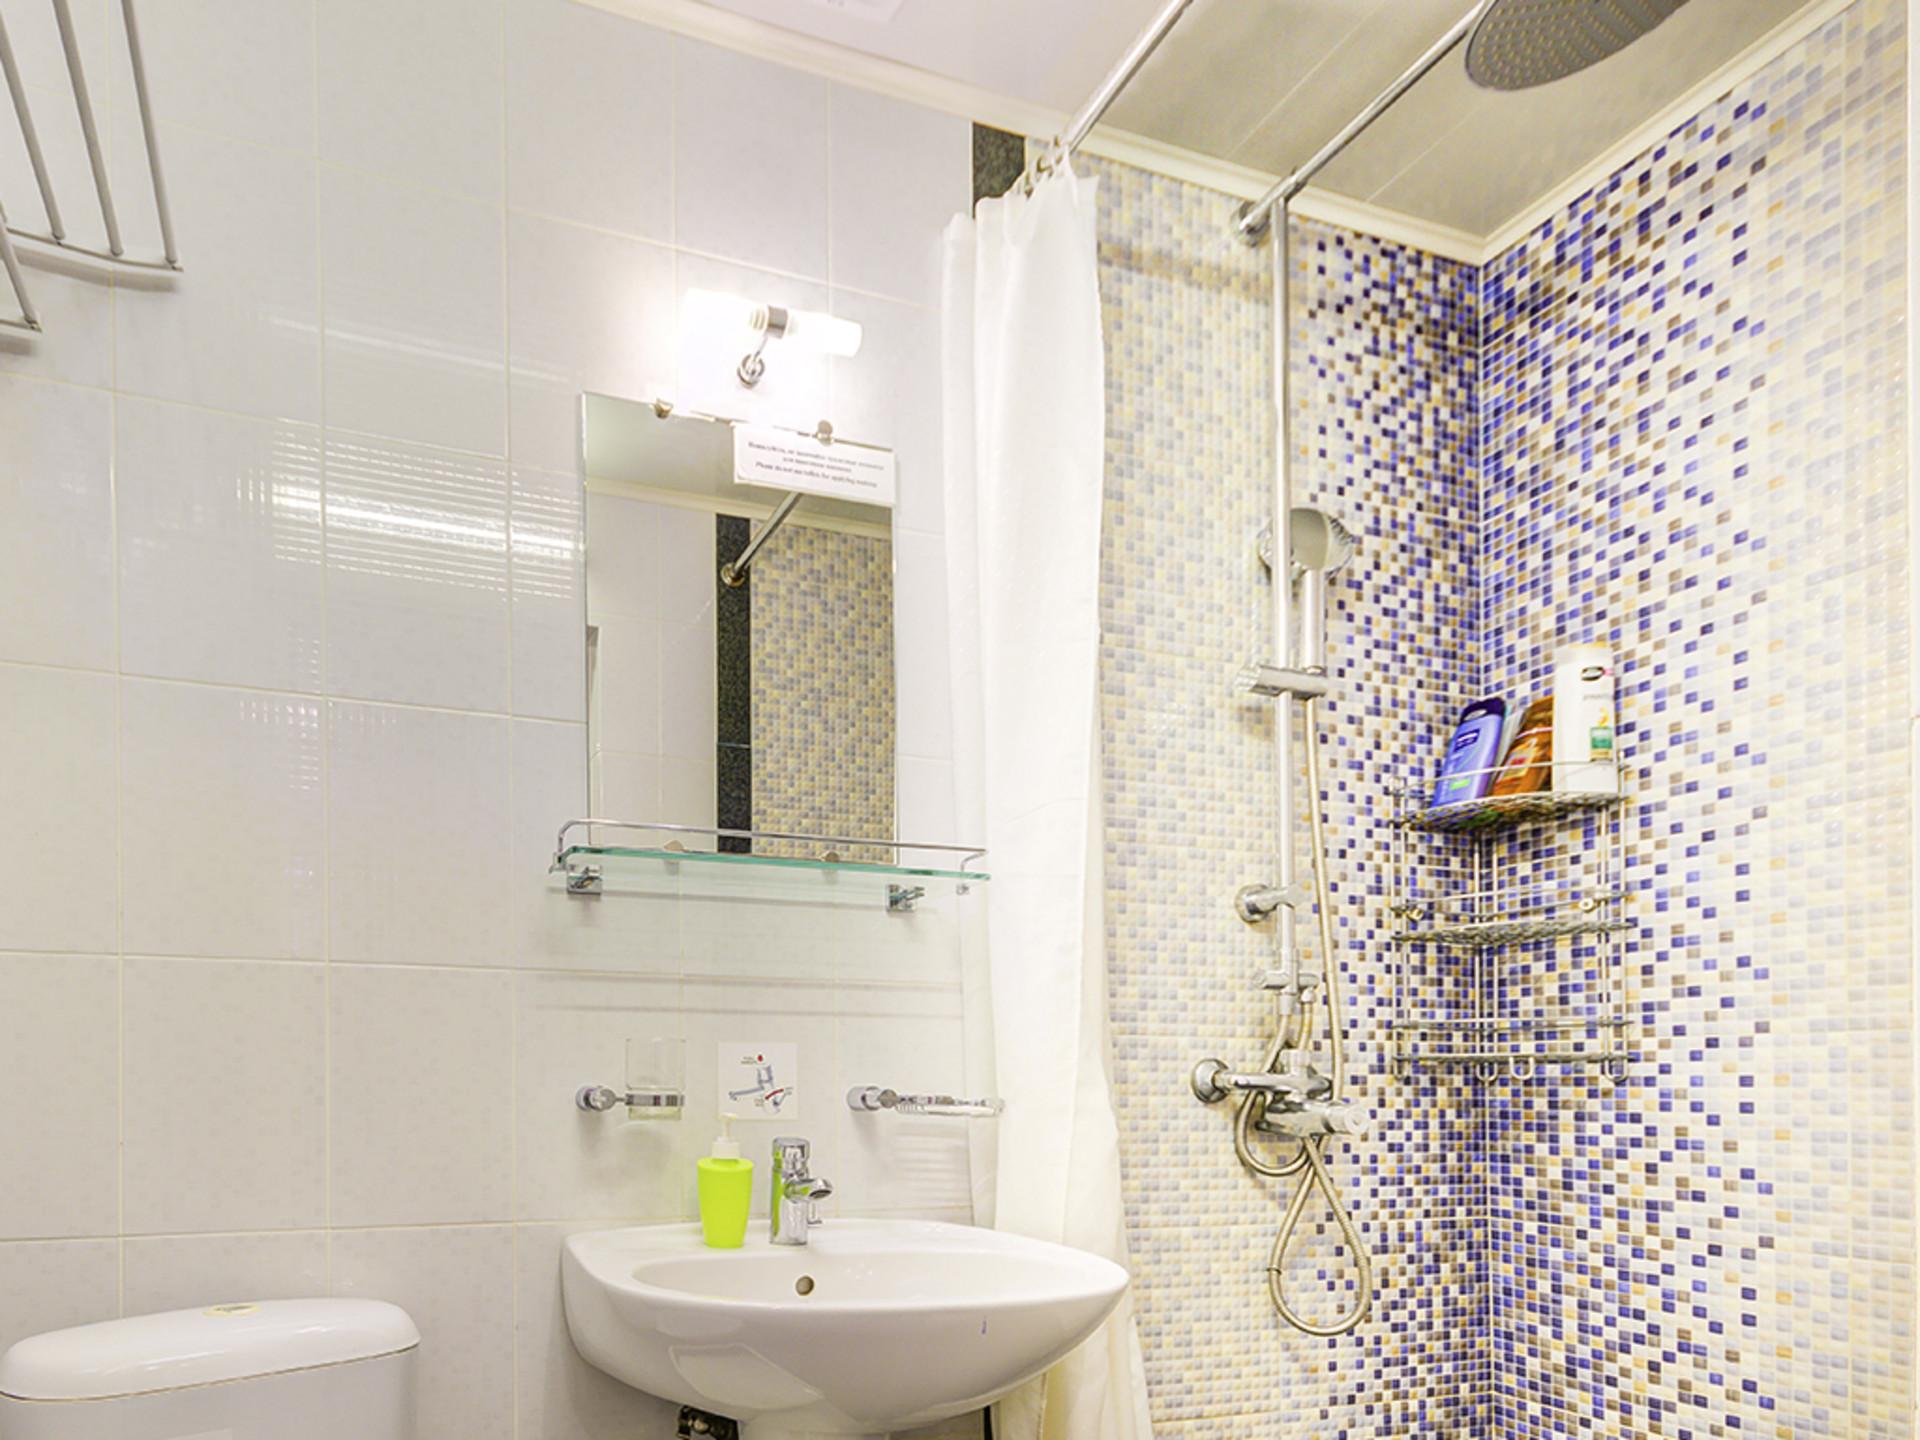 toilet_003_1024.jpg